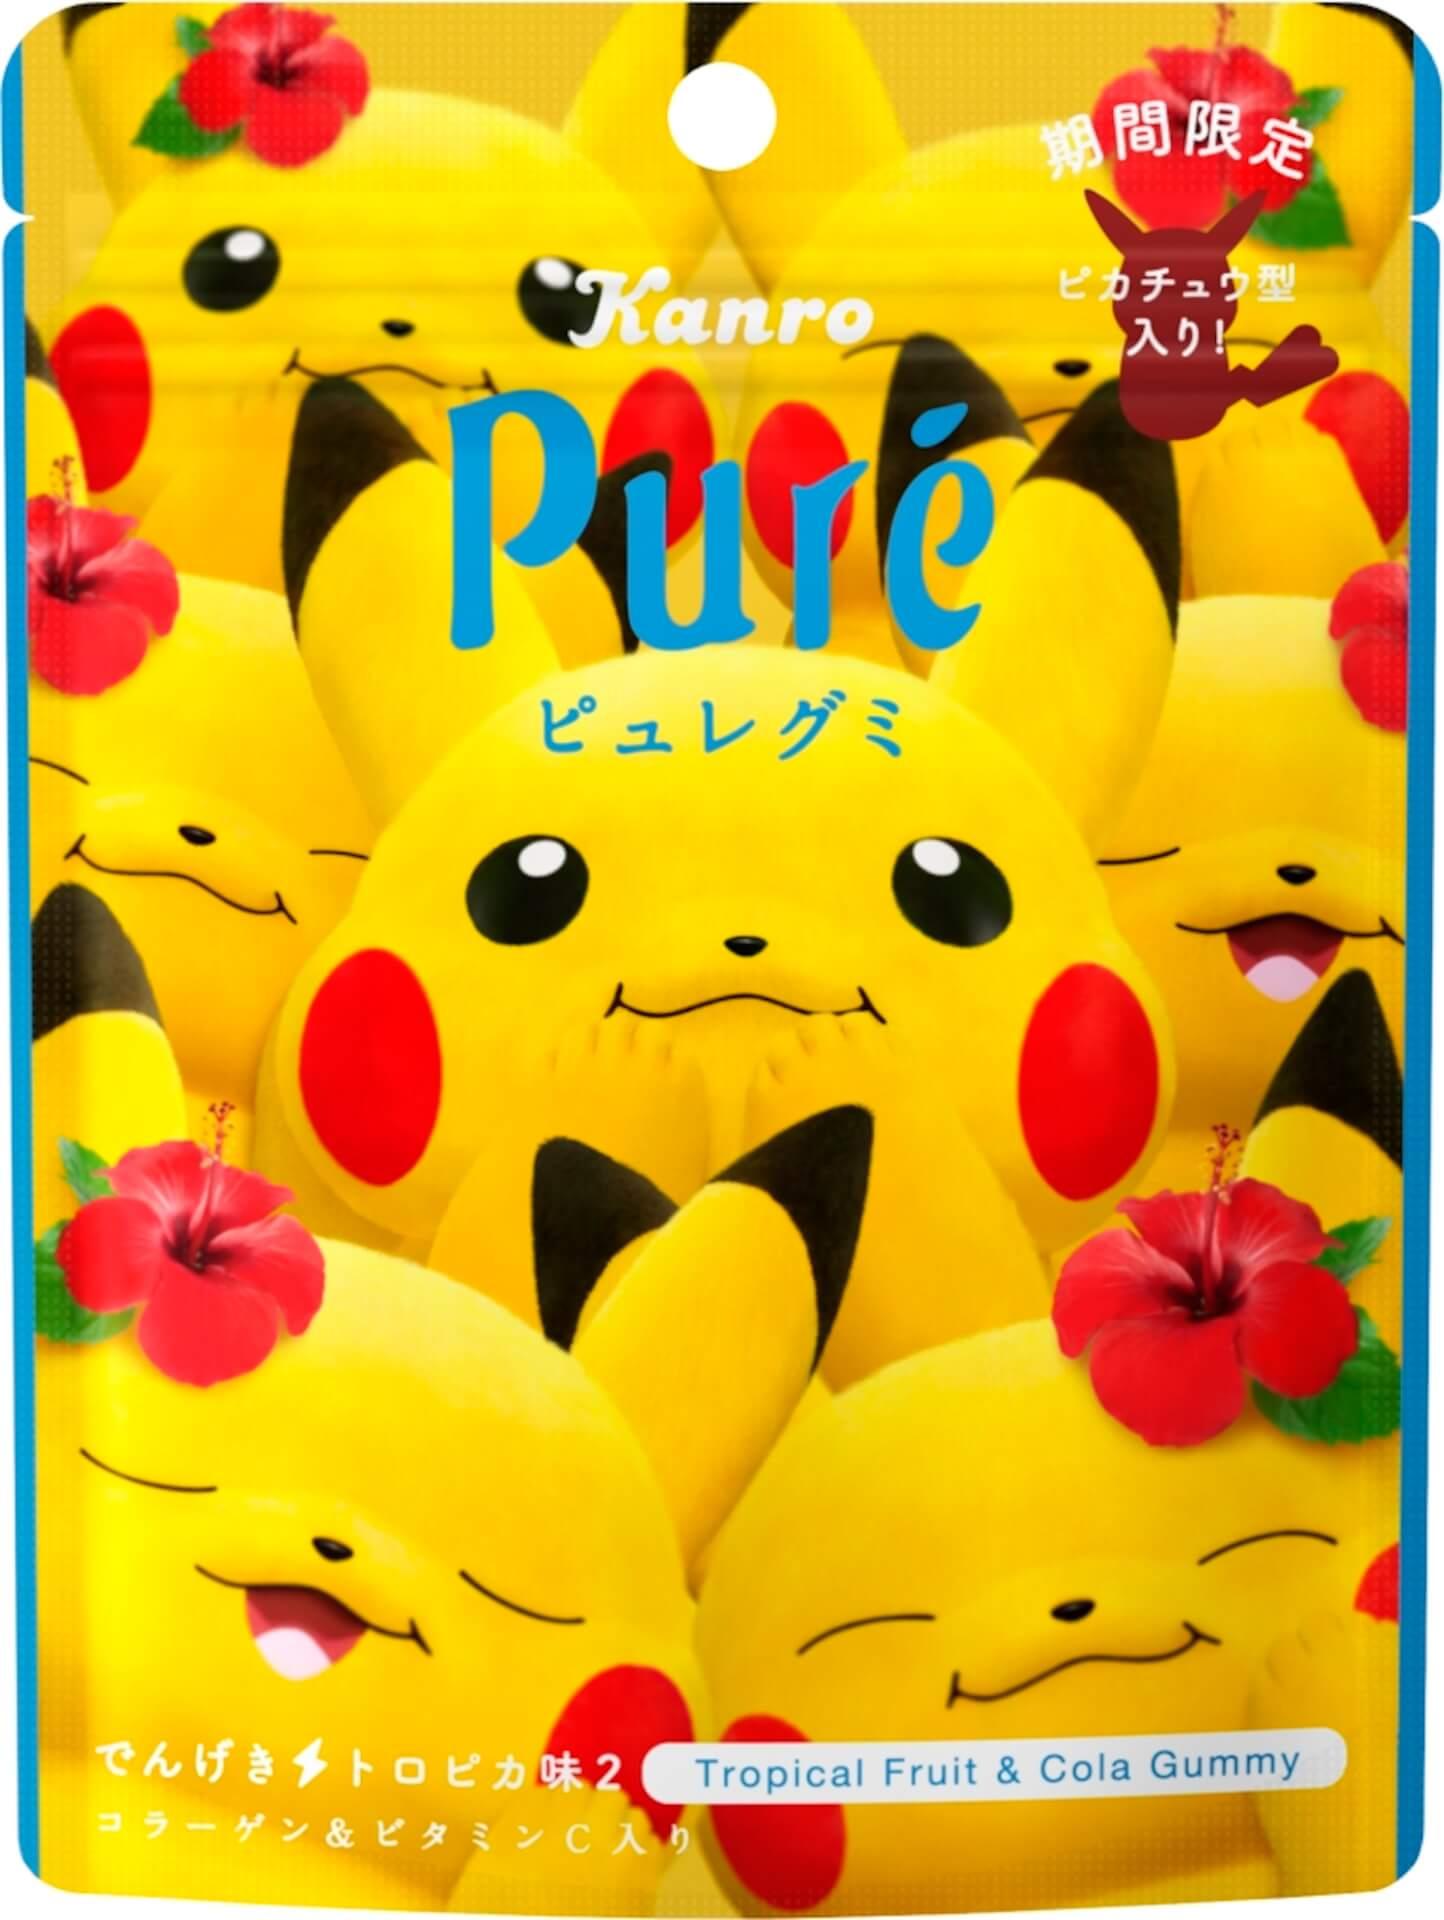 超キュートなピカチュウのグミがたくさん!大好評の「ピカチュウ ピュレグミ」第2弾が数量限定発売 gourmet200714_pure_pikachu_4